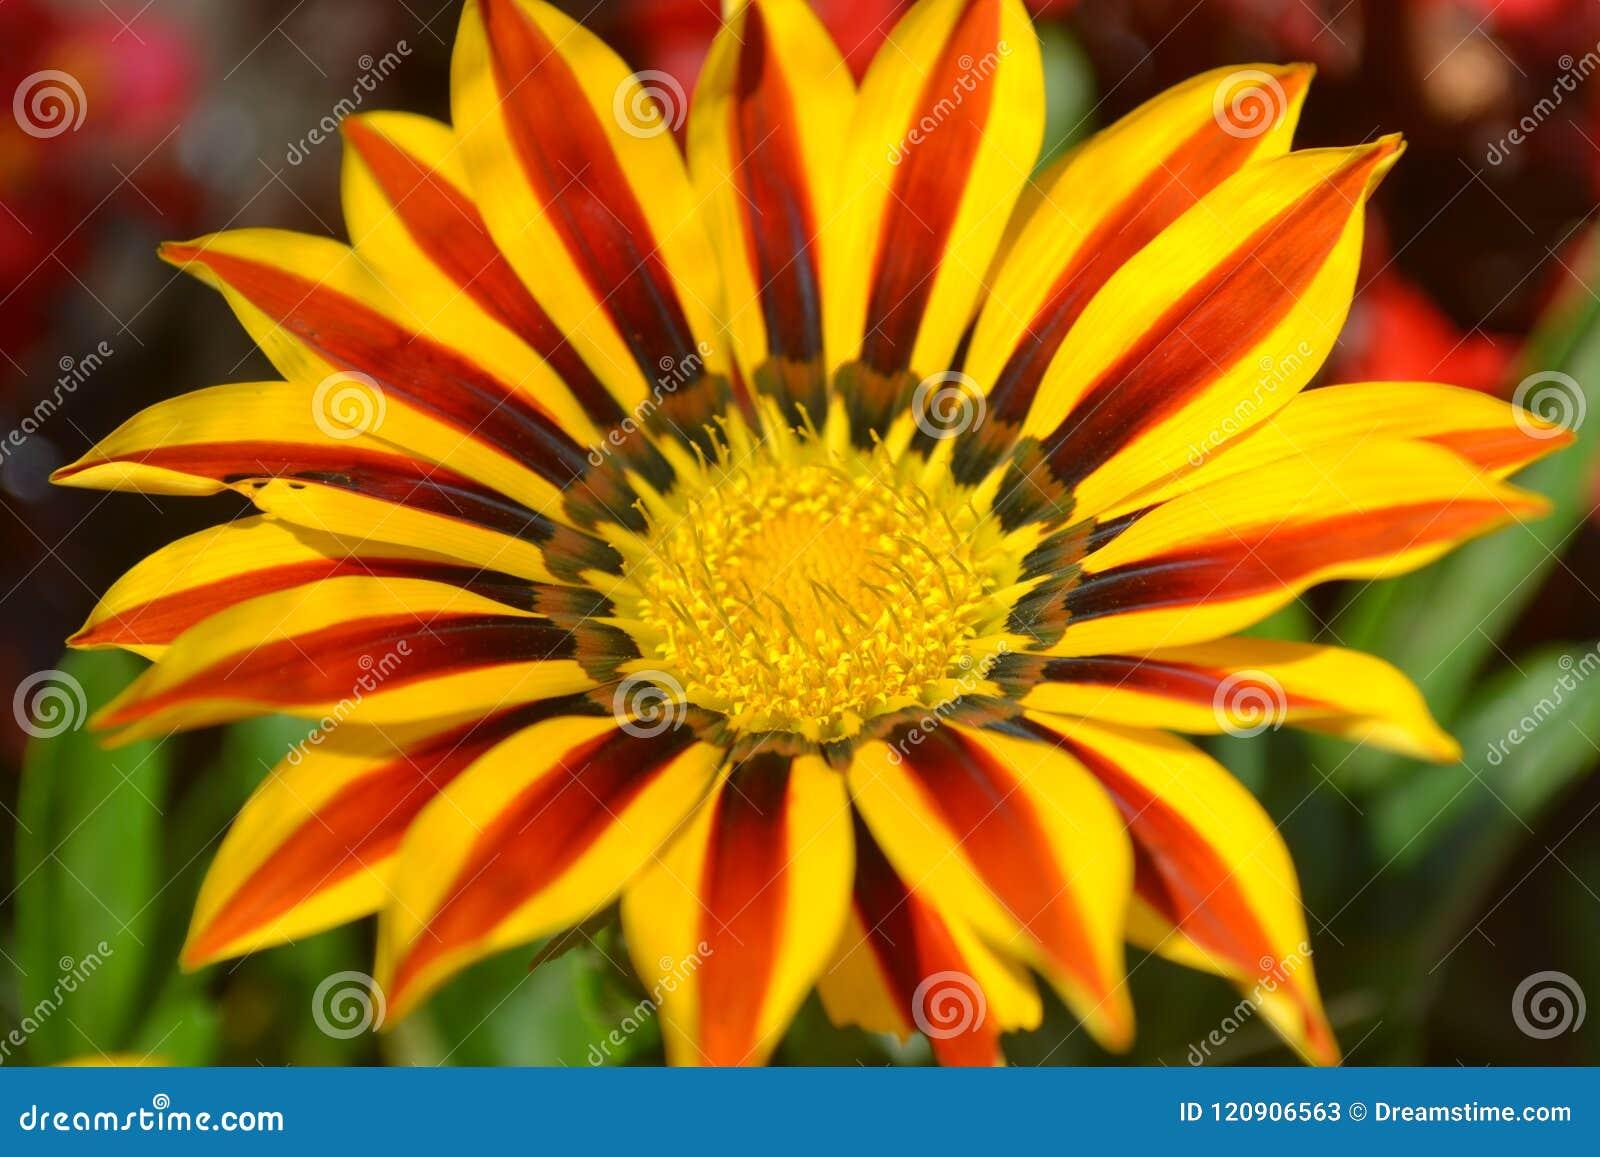 Gele bloem, aard, zonnebloem, tuin, de zomer, oranje installatie, groen, bloemen, madeliefje, macro, geweven ontwerp, illustratie